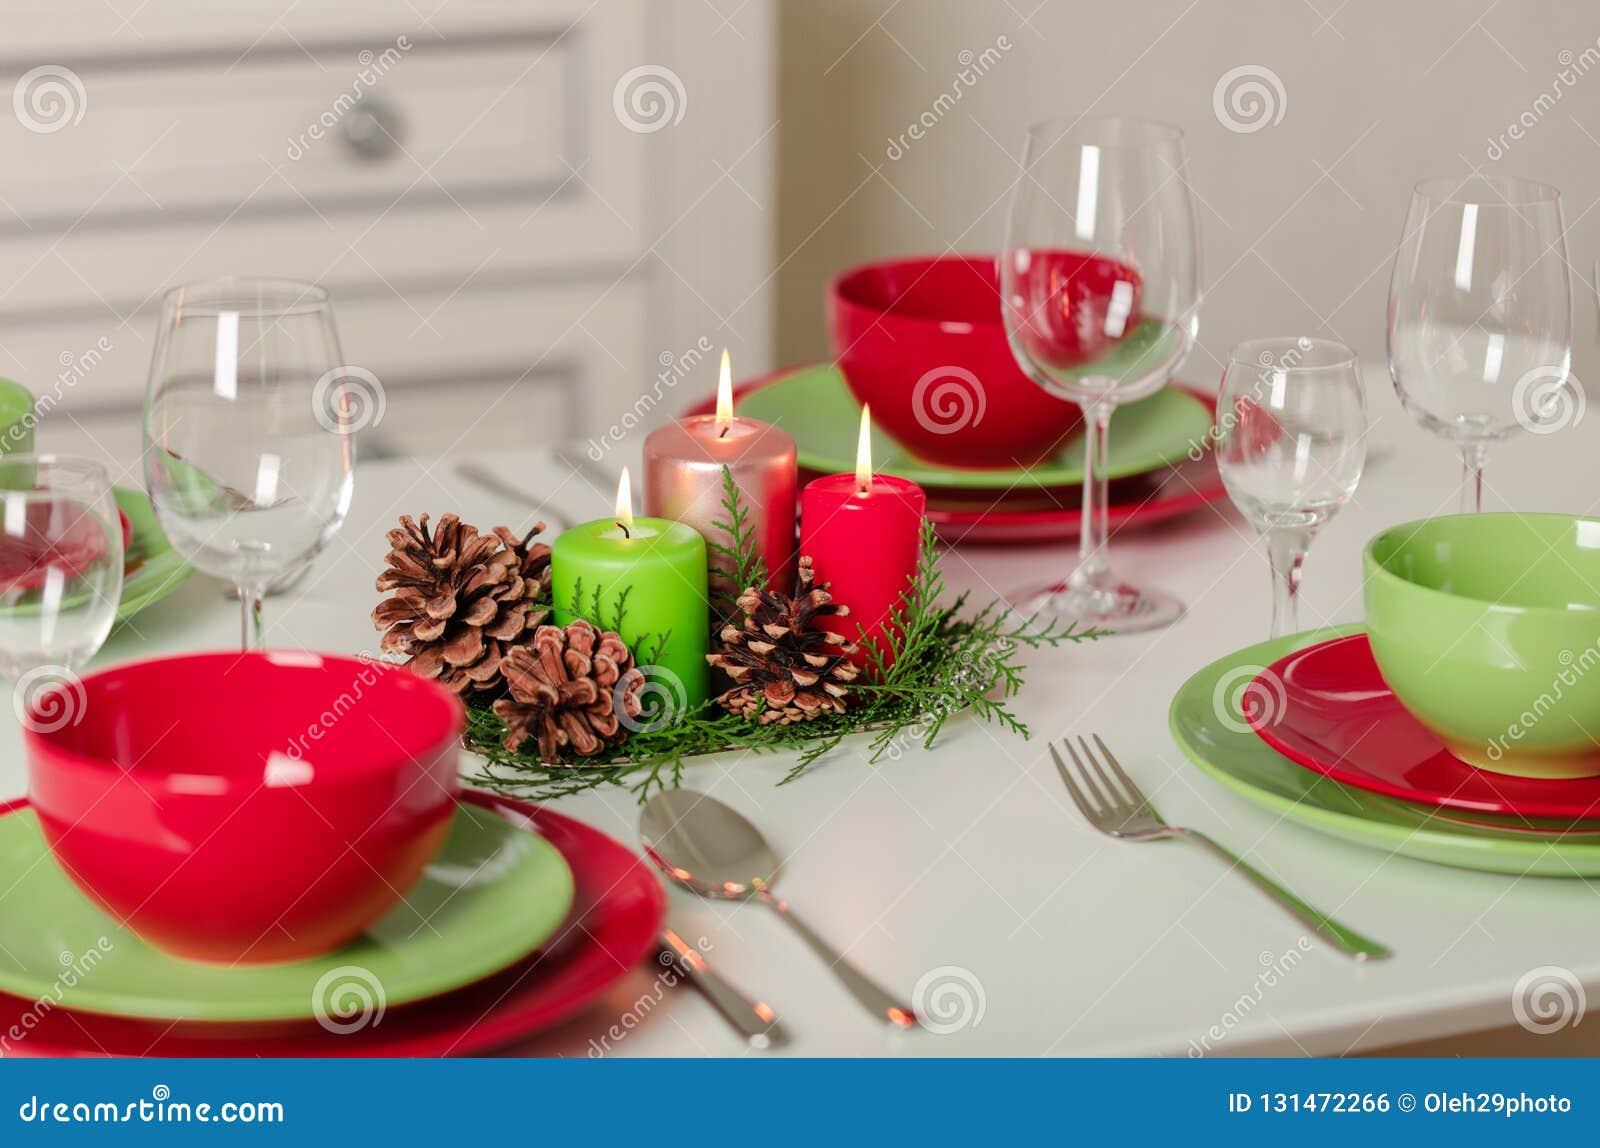 Χαρούμενα Χριστούγεννα και καλή χρονιά! Тable που θέτει το εορταστικό ντεκόρ - πράσινοι και κόκκινοι πιάτα, κεριά και κώνοι έλατ